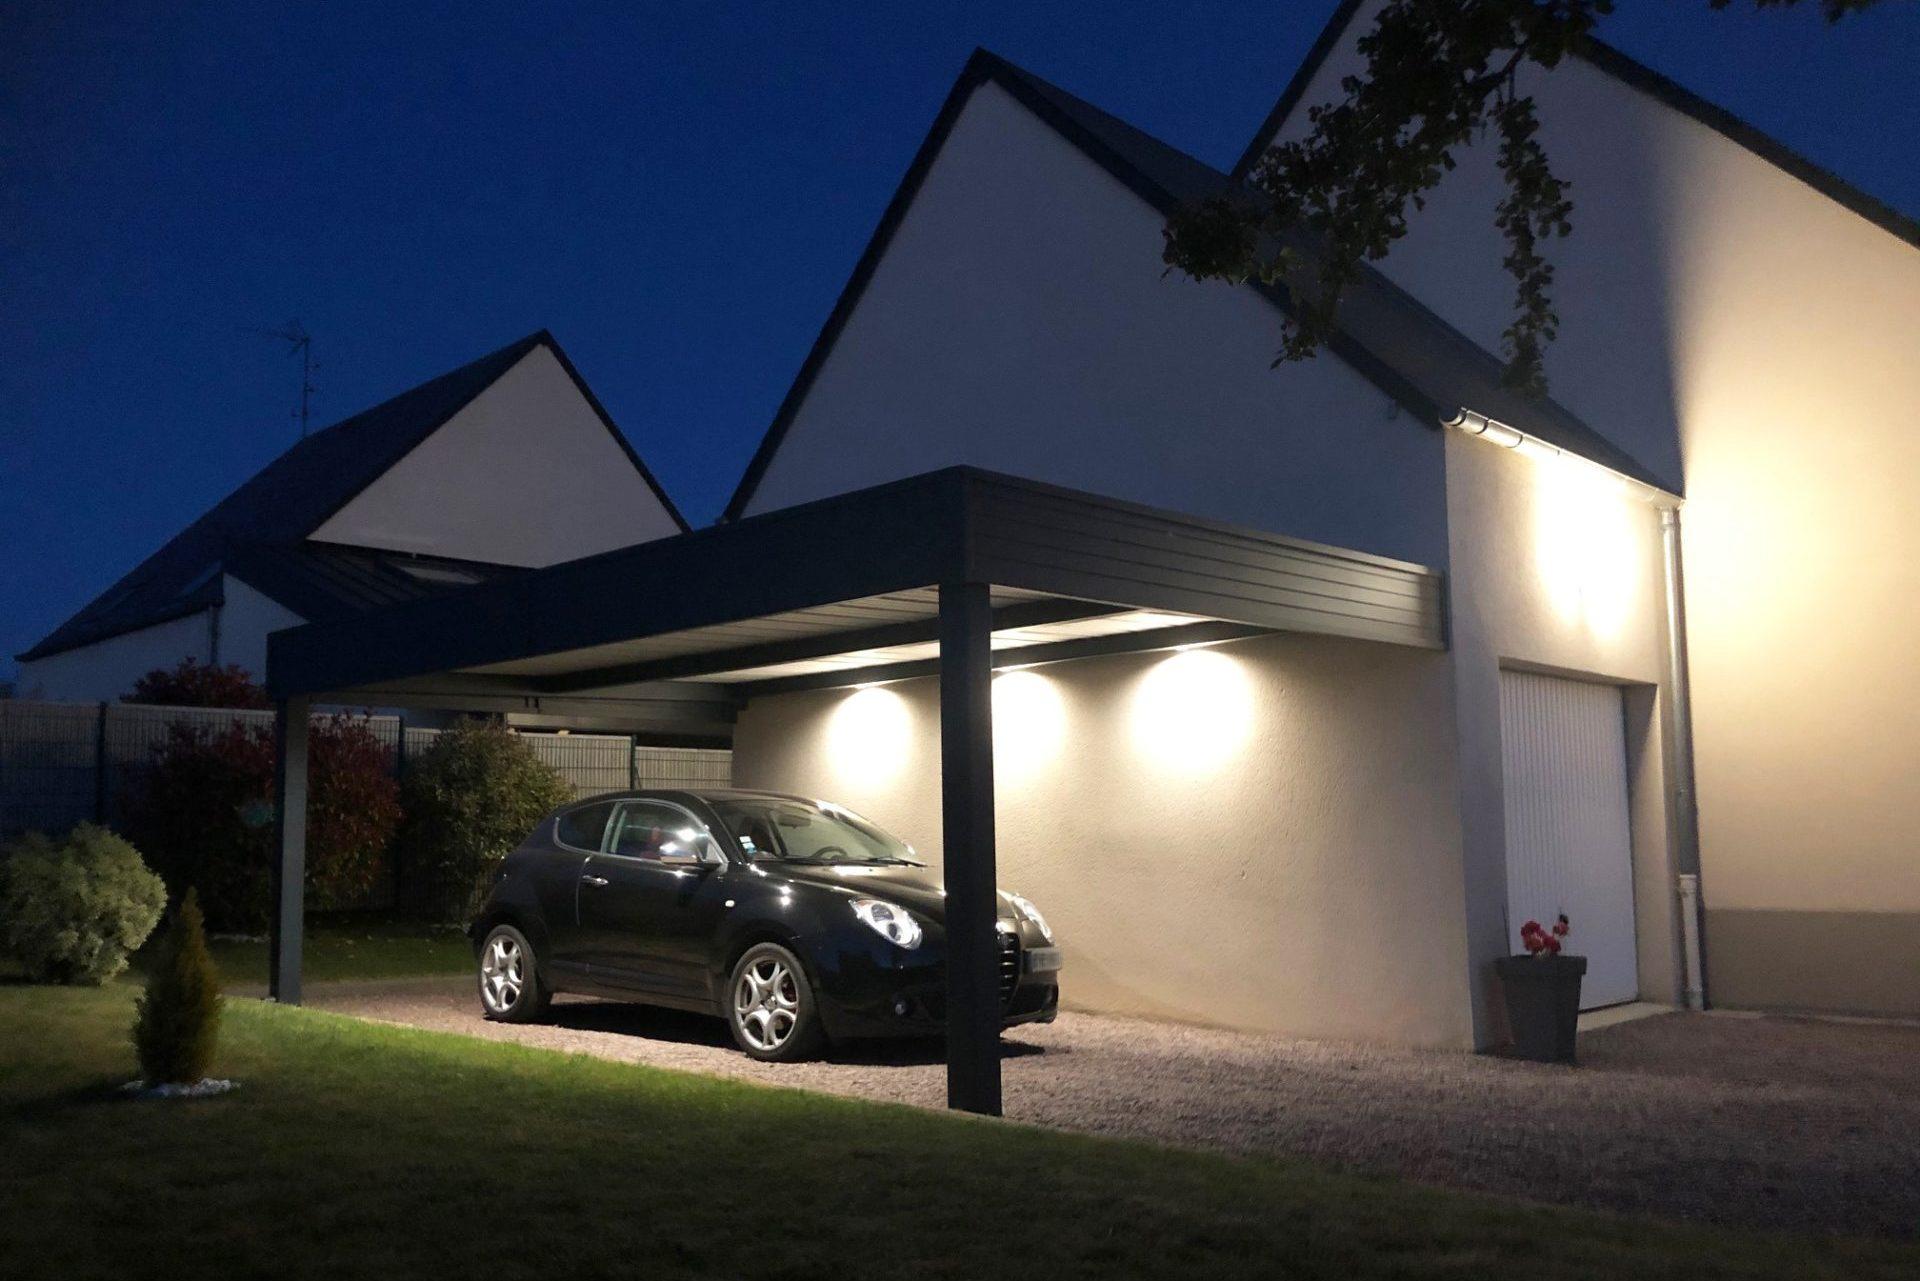 CARPORT ADOSSE AUTEUIL POTEAUX SPOTS LED